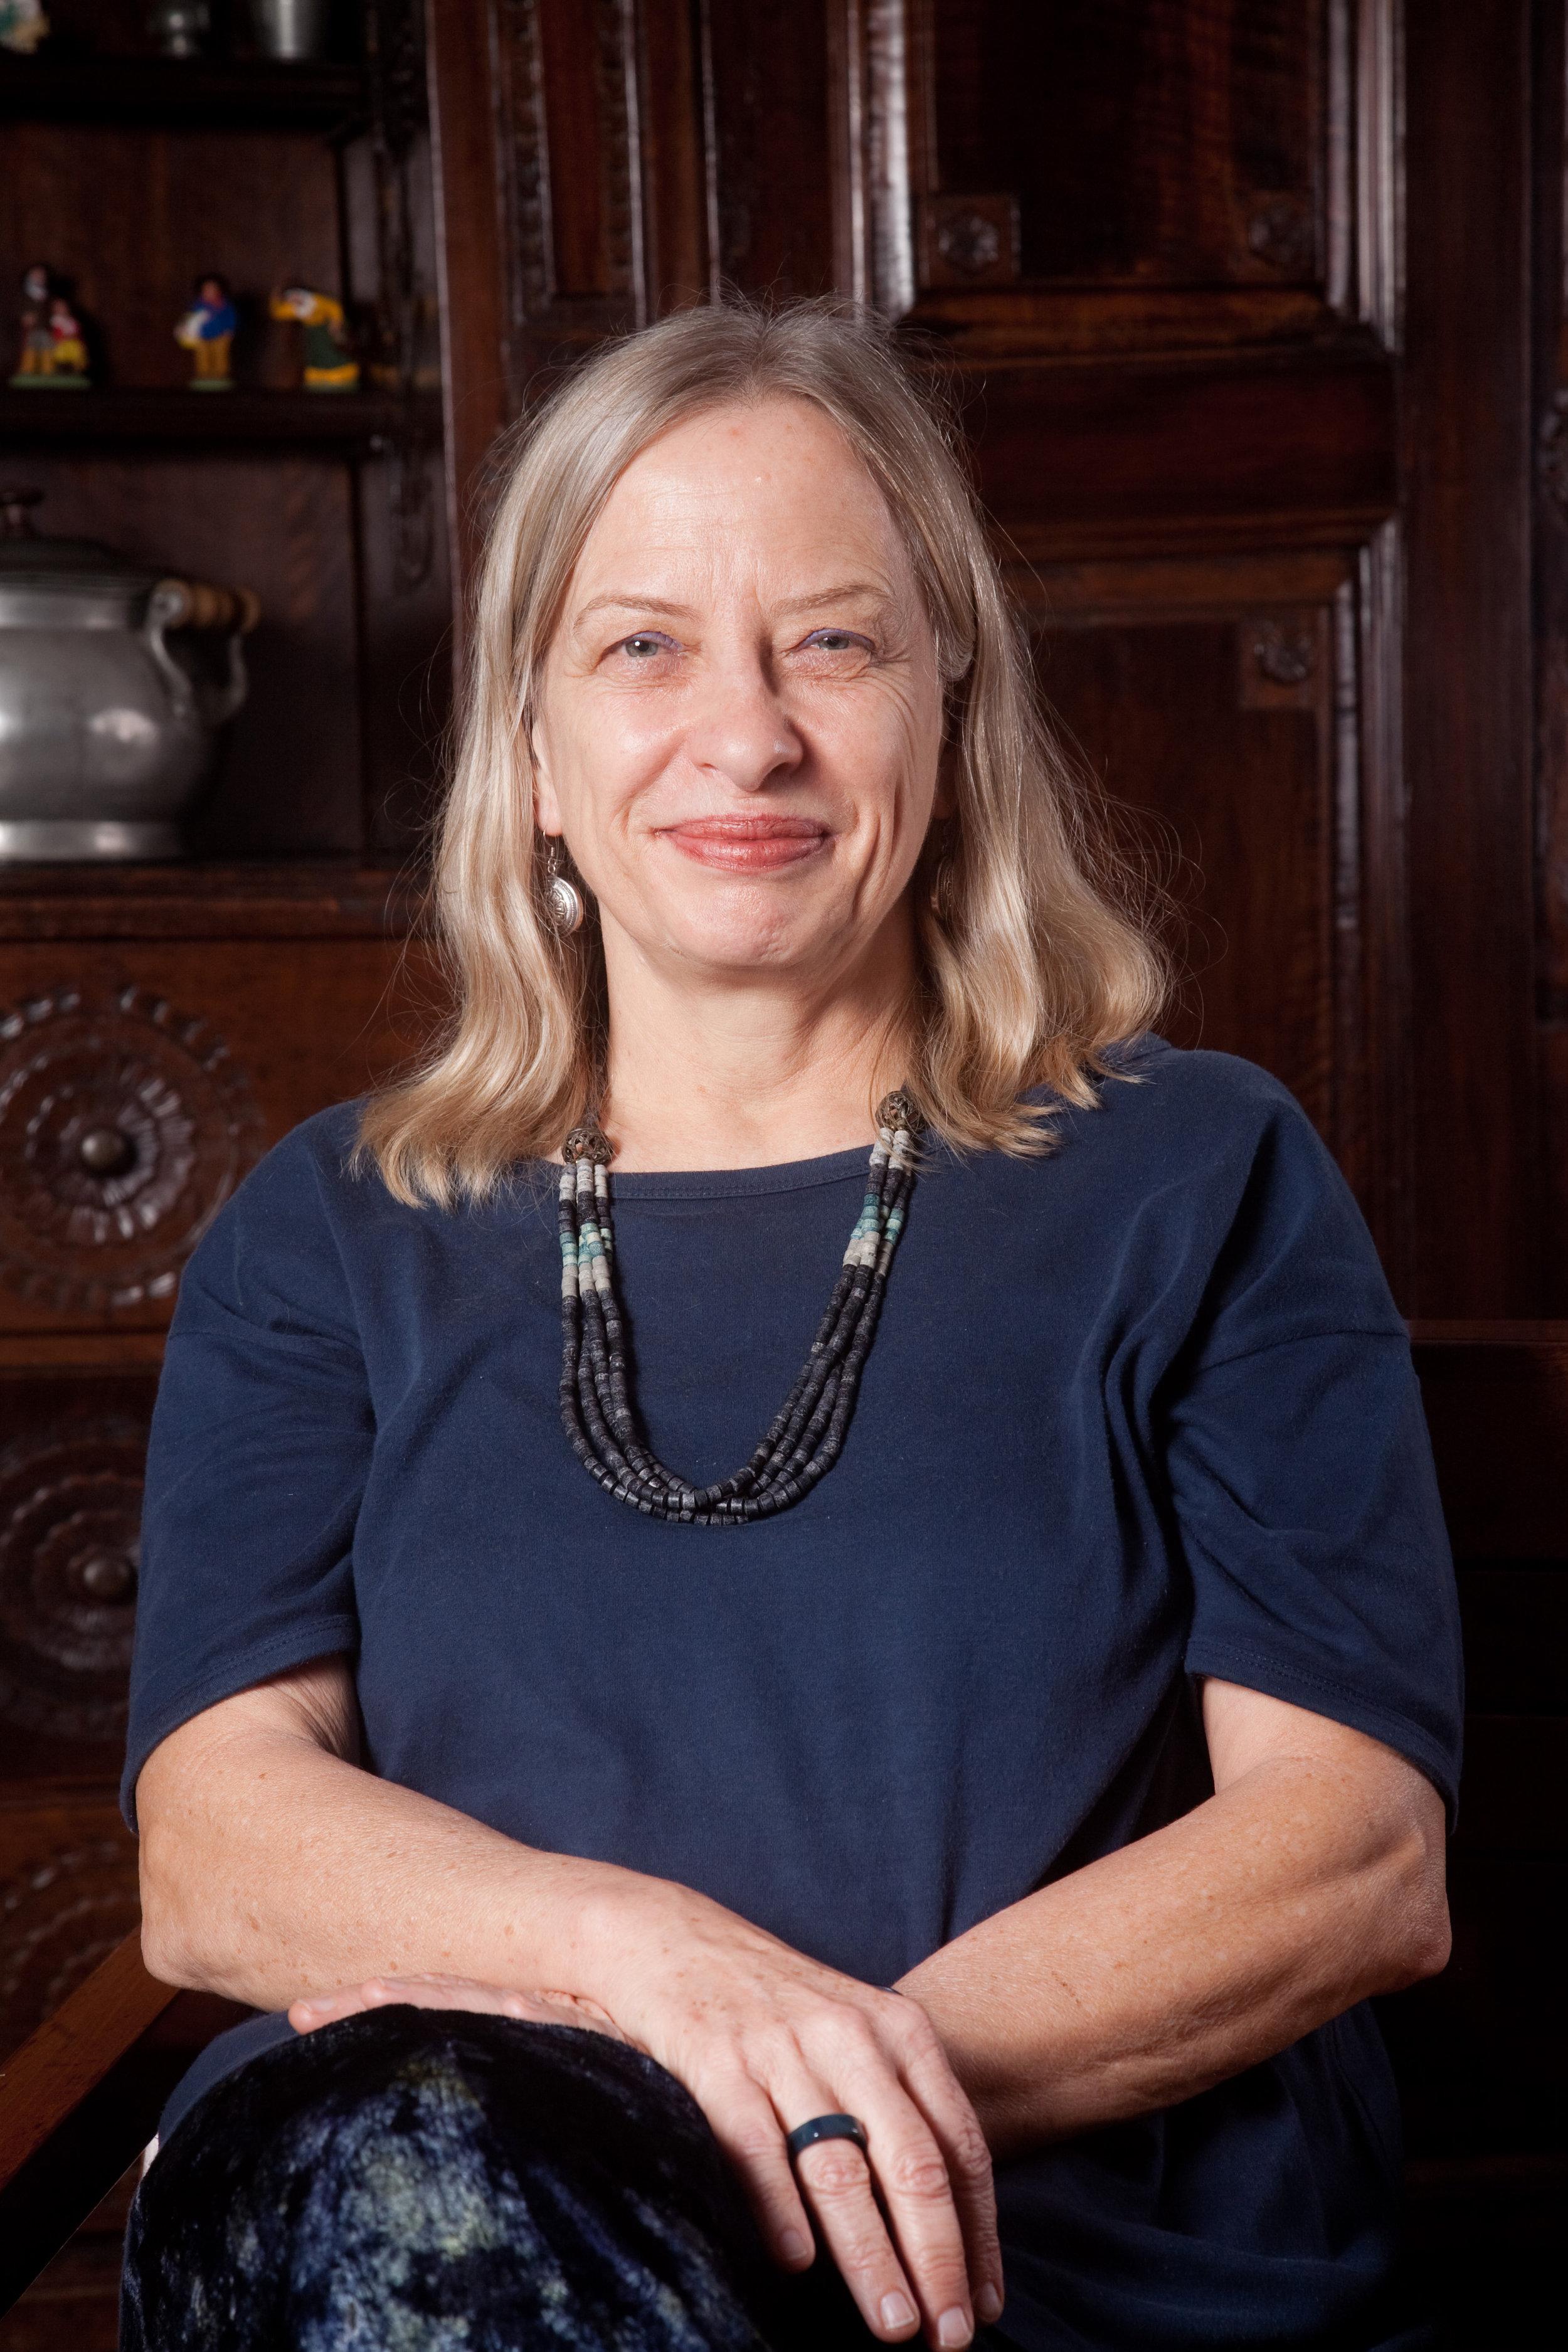 Jeanne Marie Gagnebin